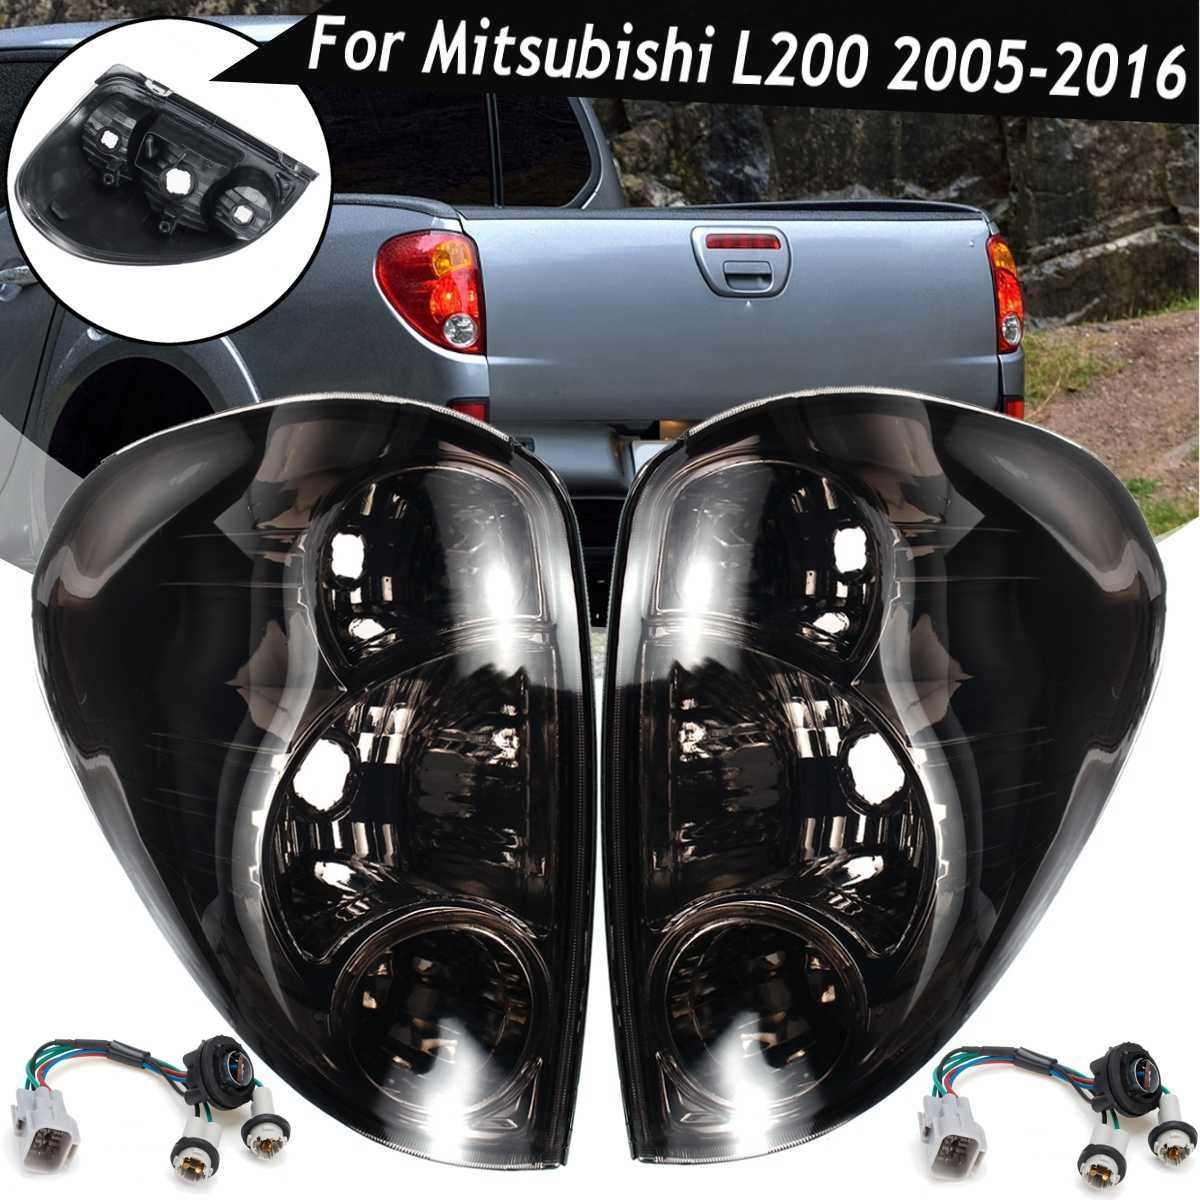 Feu arrière de fumée pour Mitsubishi L200 Triton Colt pick-up 2005-2015 feu arrière côté frein arrière lampe d'arrêt arrière accessoires de voiture